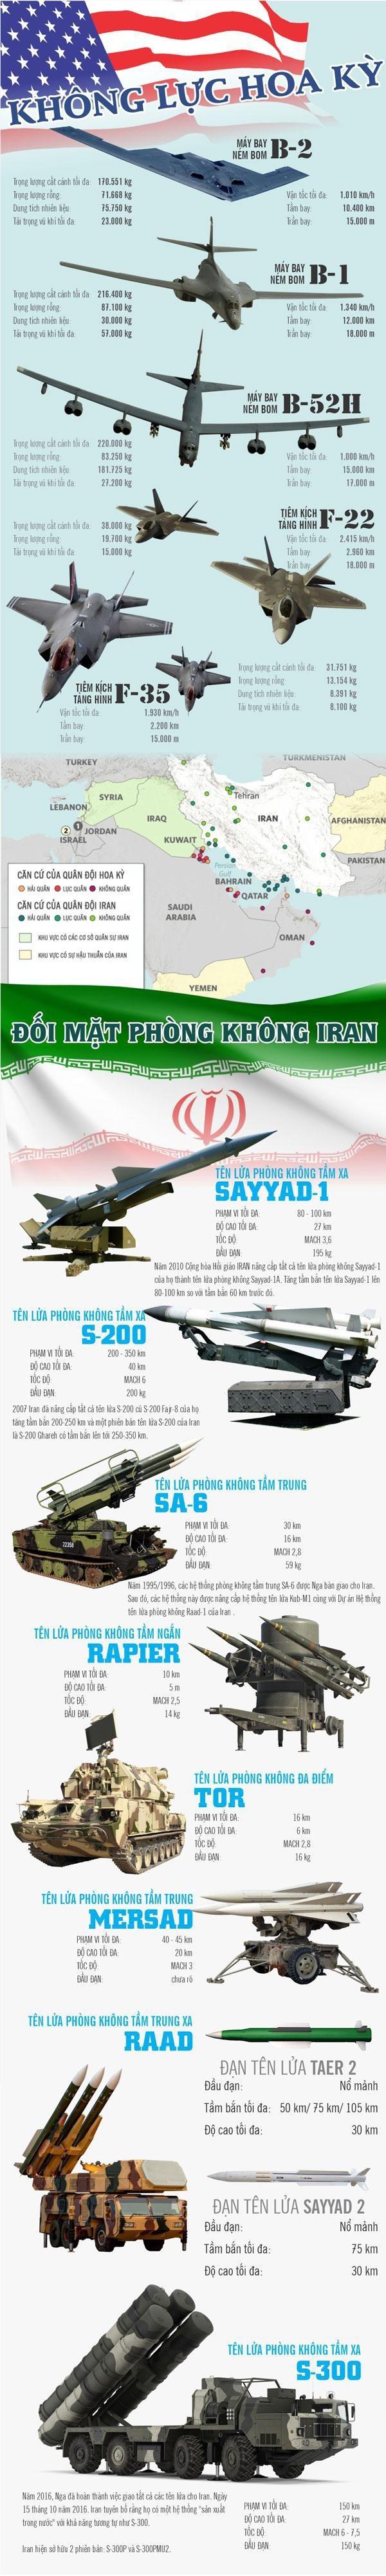 Dù sở hữu lực lượng không quân mạnh nhất thế giới, thế nhưng để có thể đánh bại được hệ thống phòng không của Iran - Không quân Mỹ nhiều khả năng phải tung hết sức mạnh mà họ có trong cuộc chiến lớn nhất Trung Đông. Đồ Họa: Giang Khang